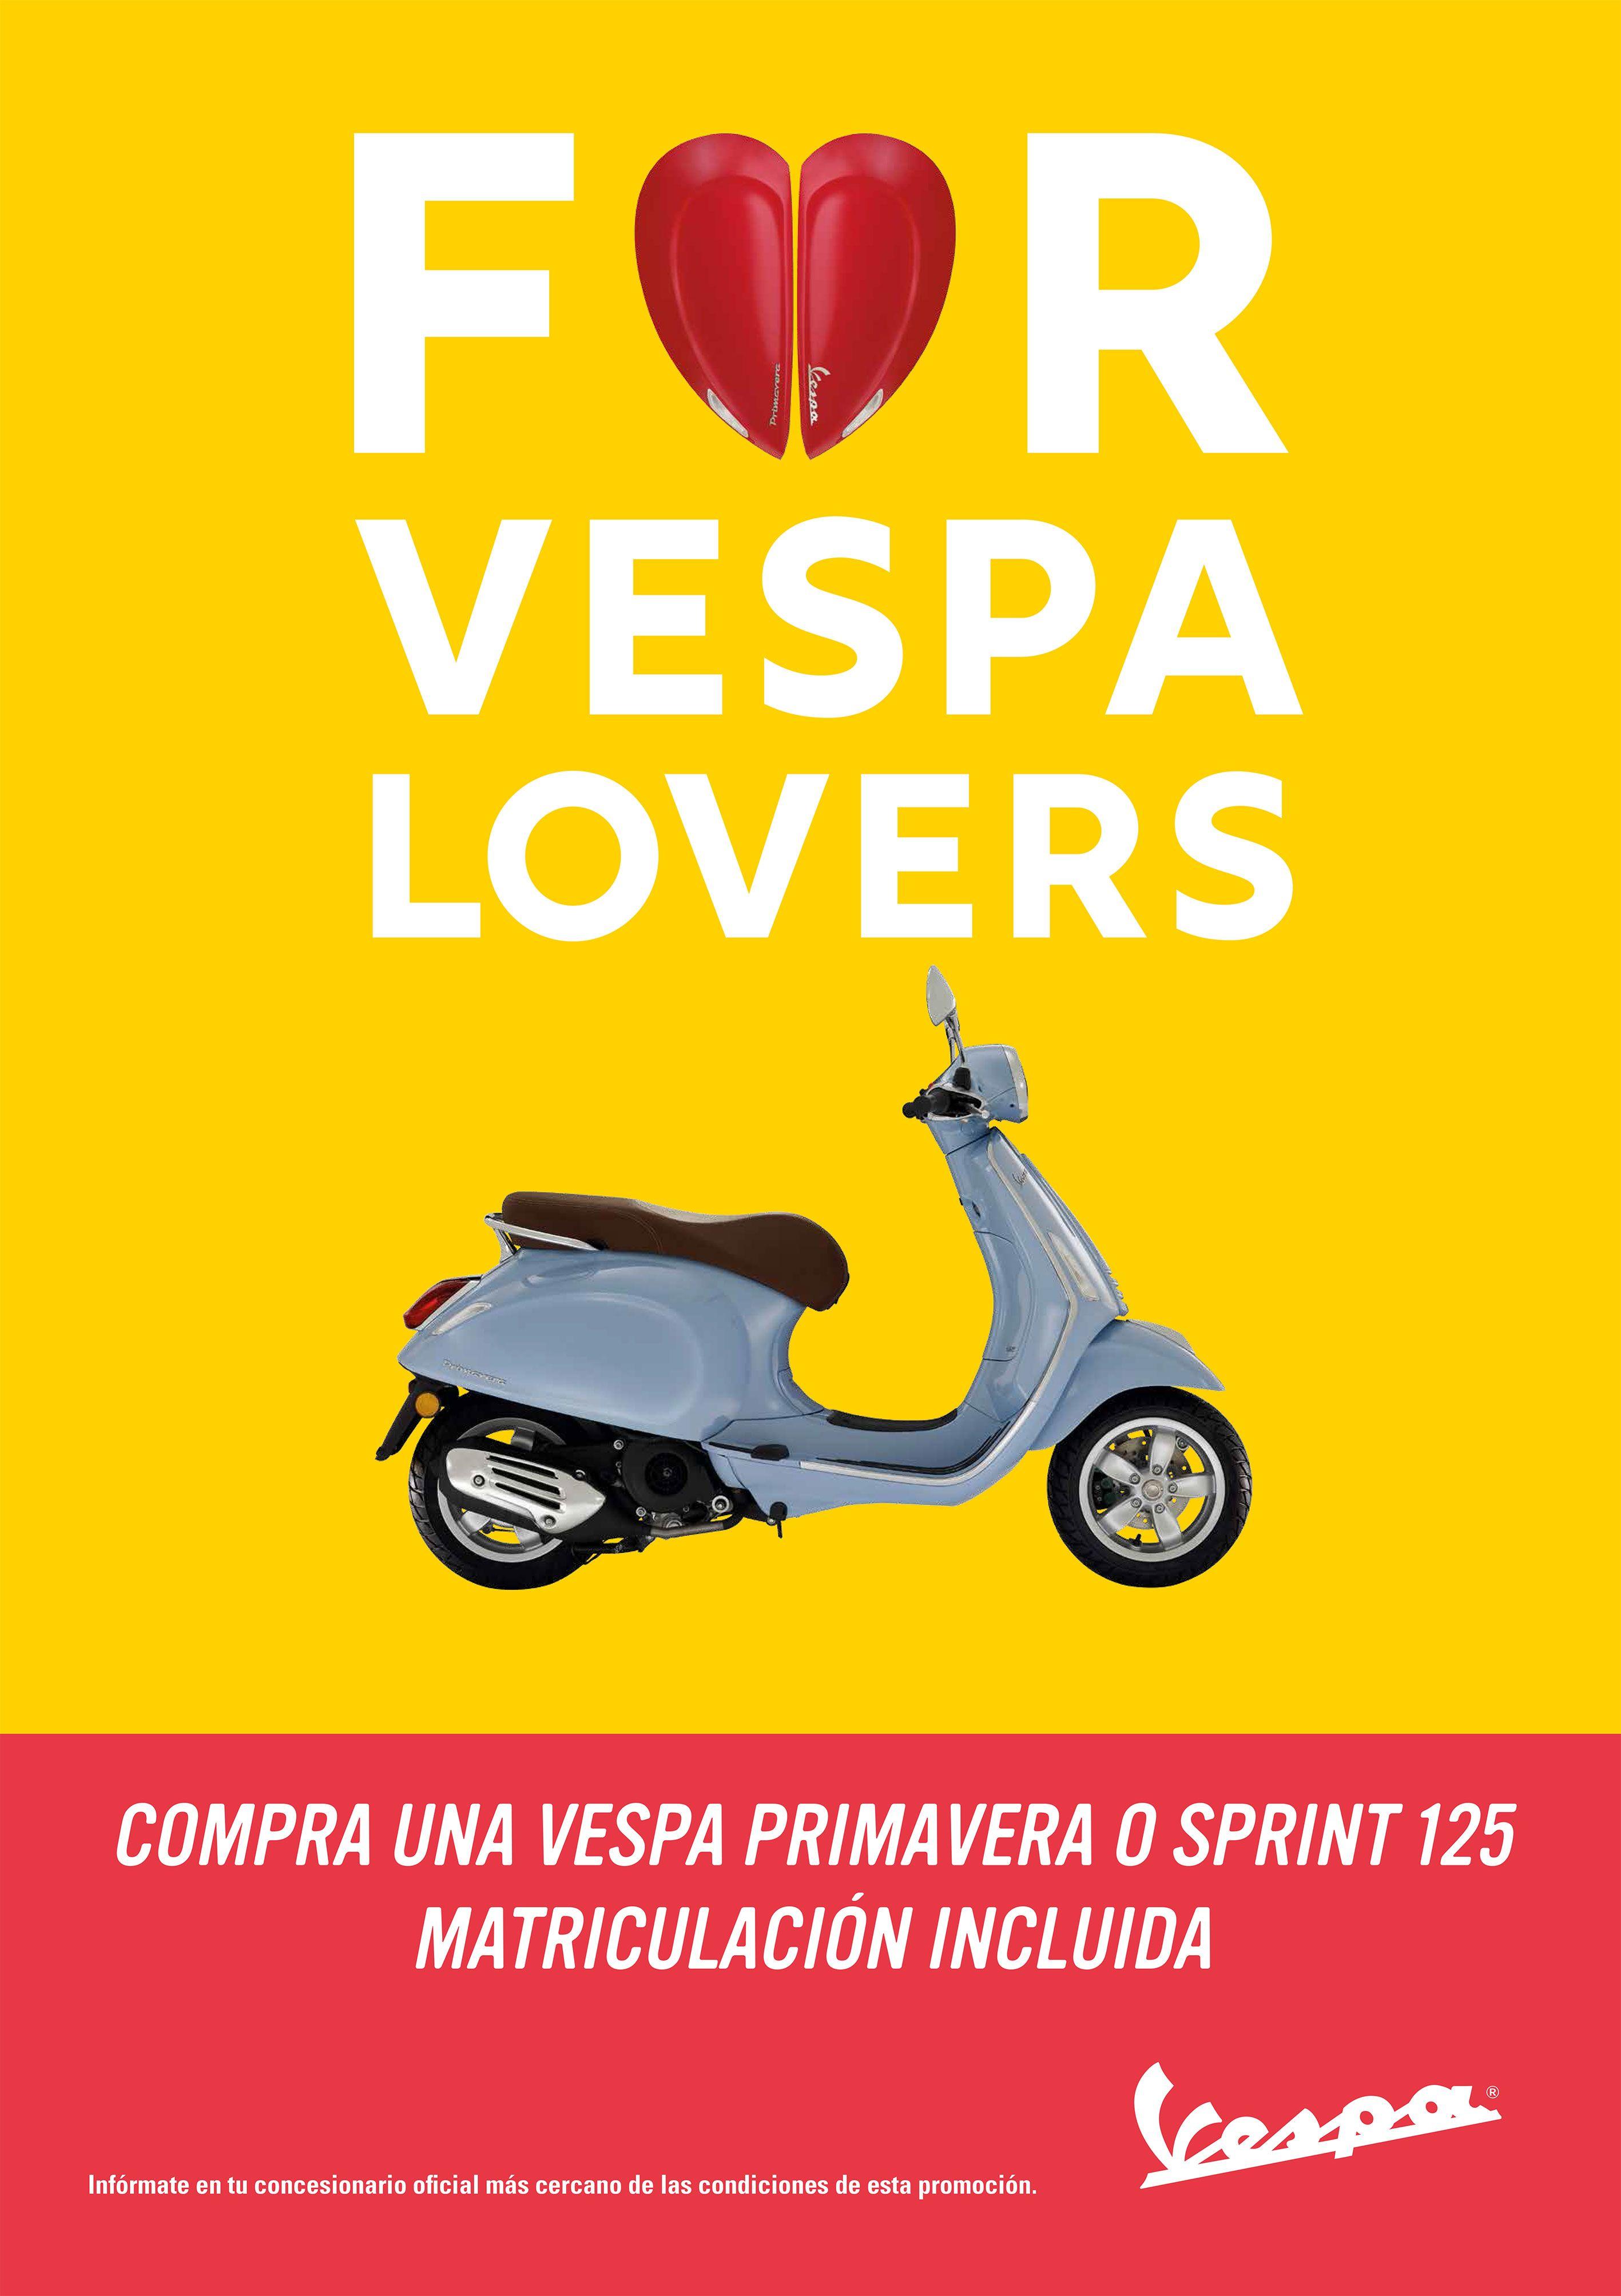 Para los amantes Vespa, llévate tu Vespa Primavera 125 o Vespa Sprint 125 con matriculación gratis